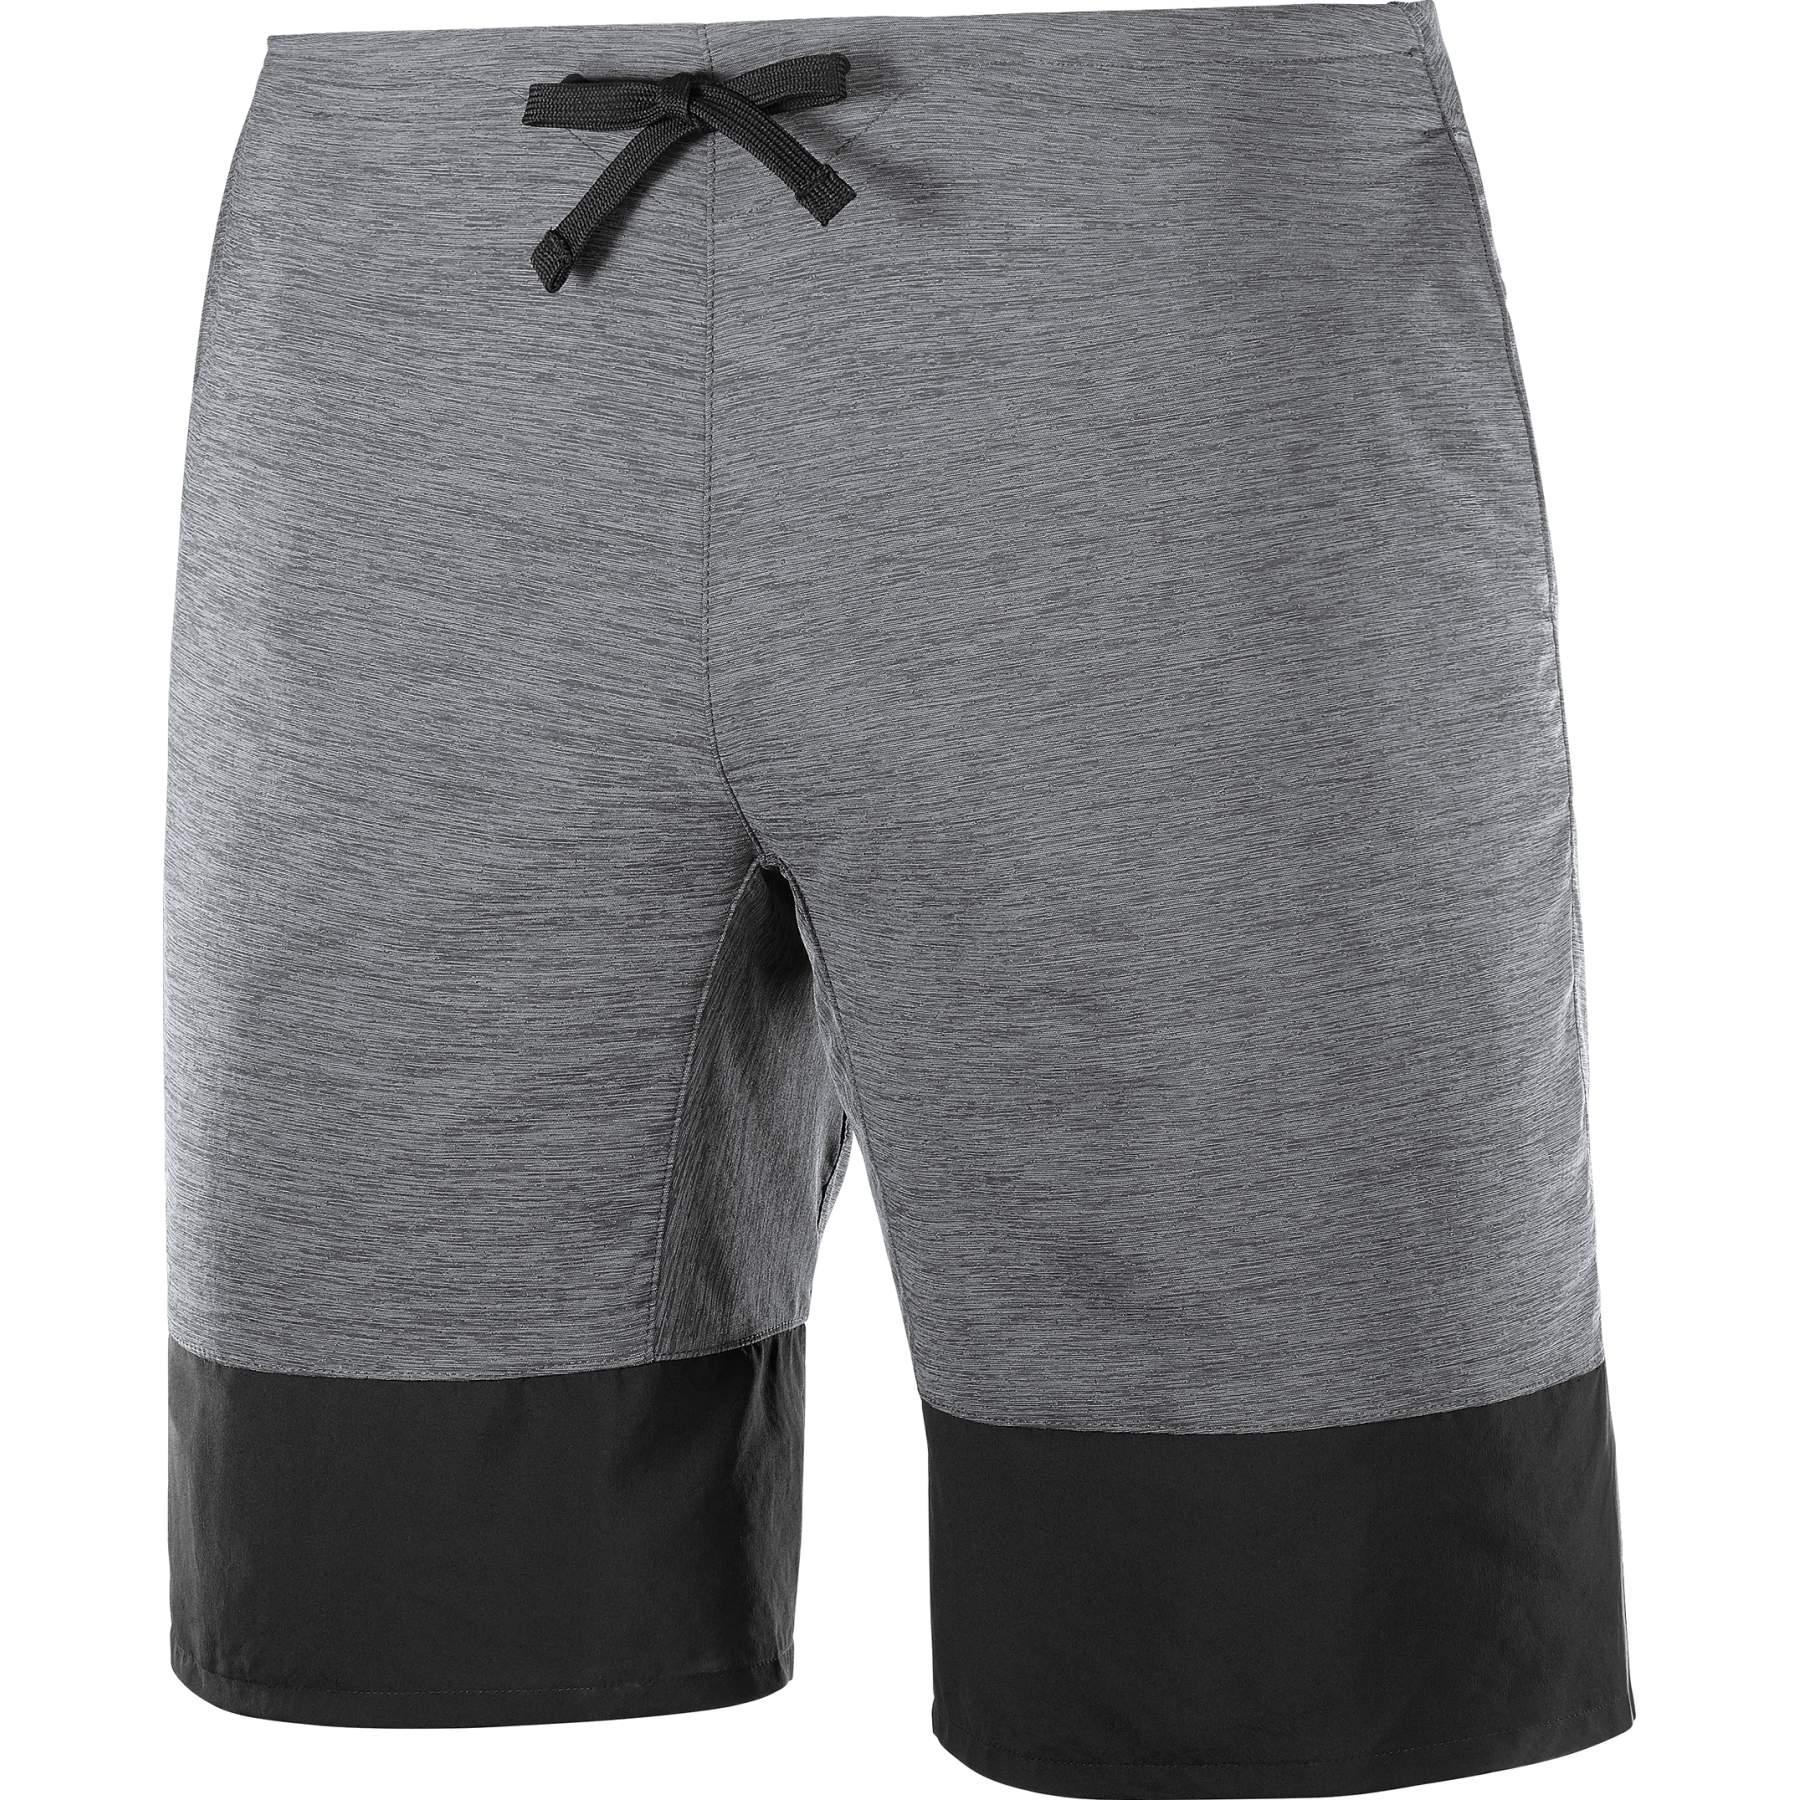 Salomon XA Training Shorts - Ebony/Black